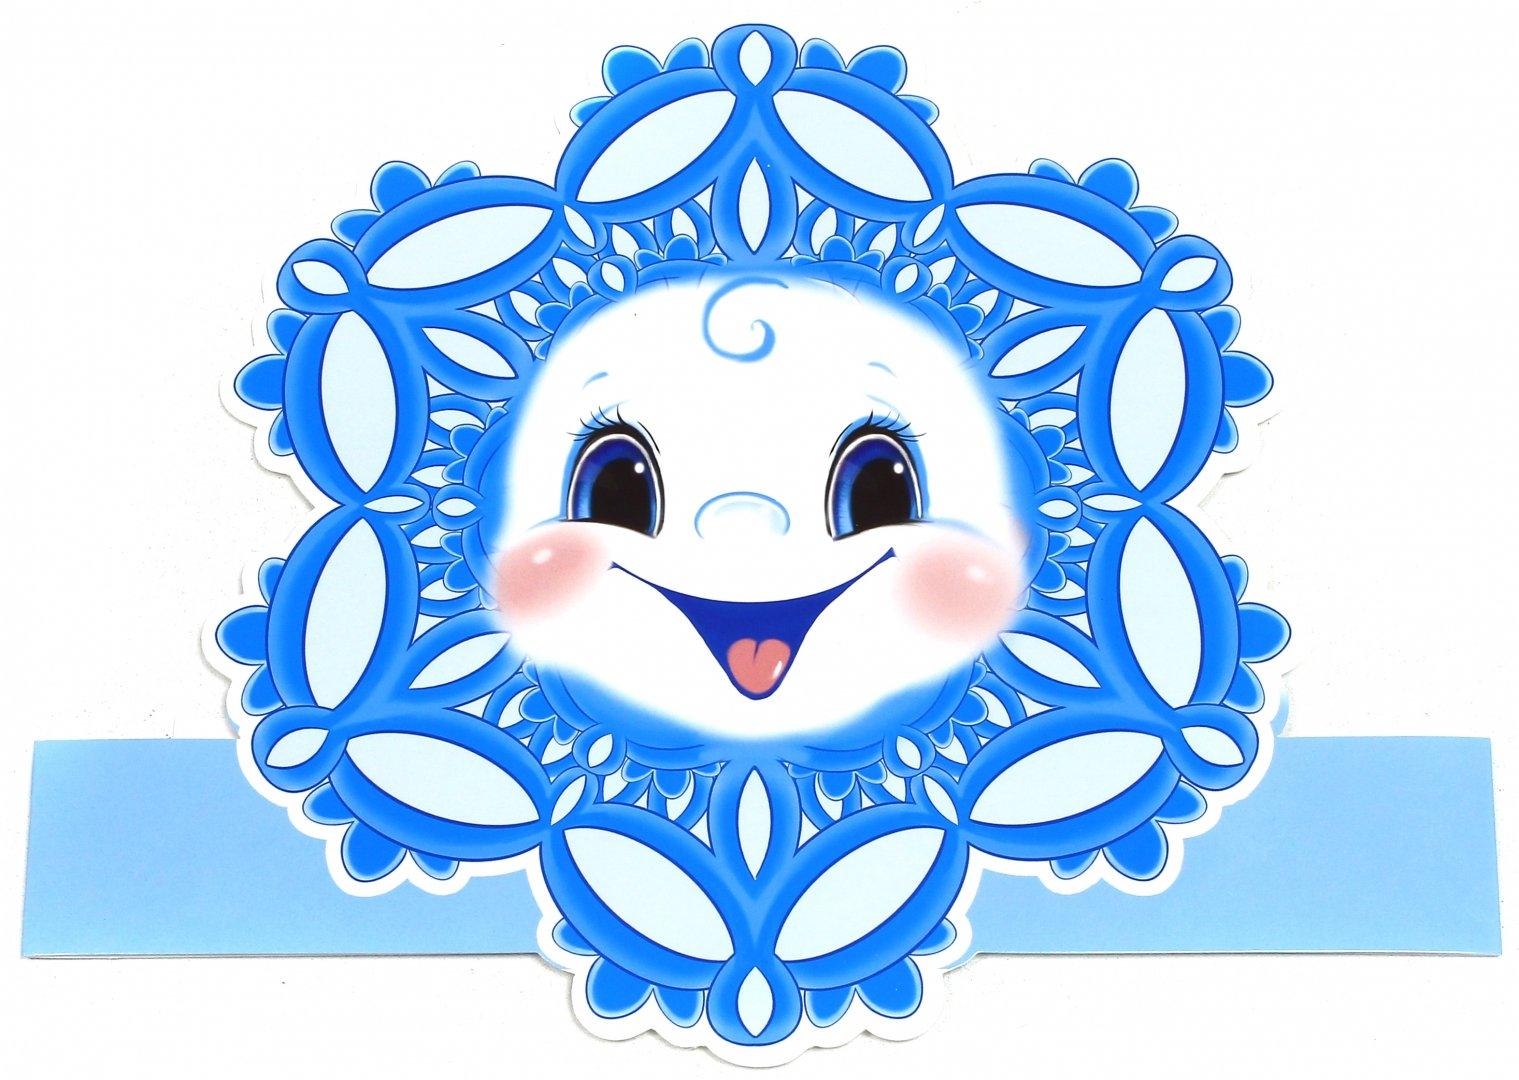 Веселые снежинки рисунки драматургом сэмом